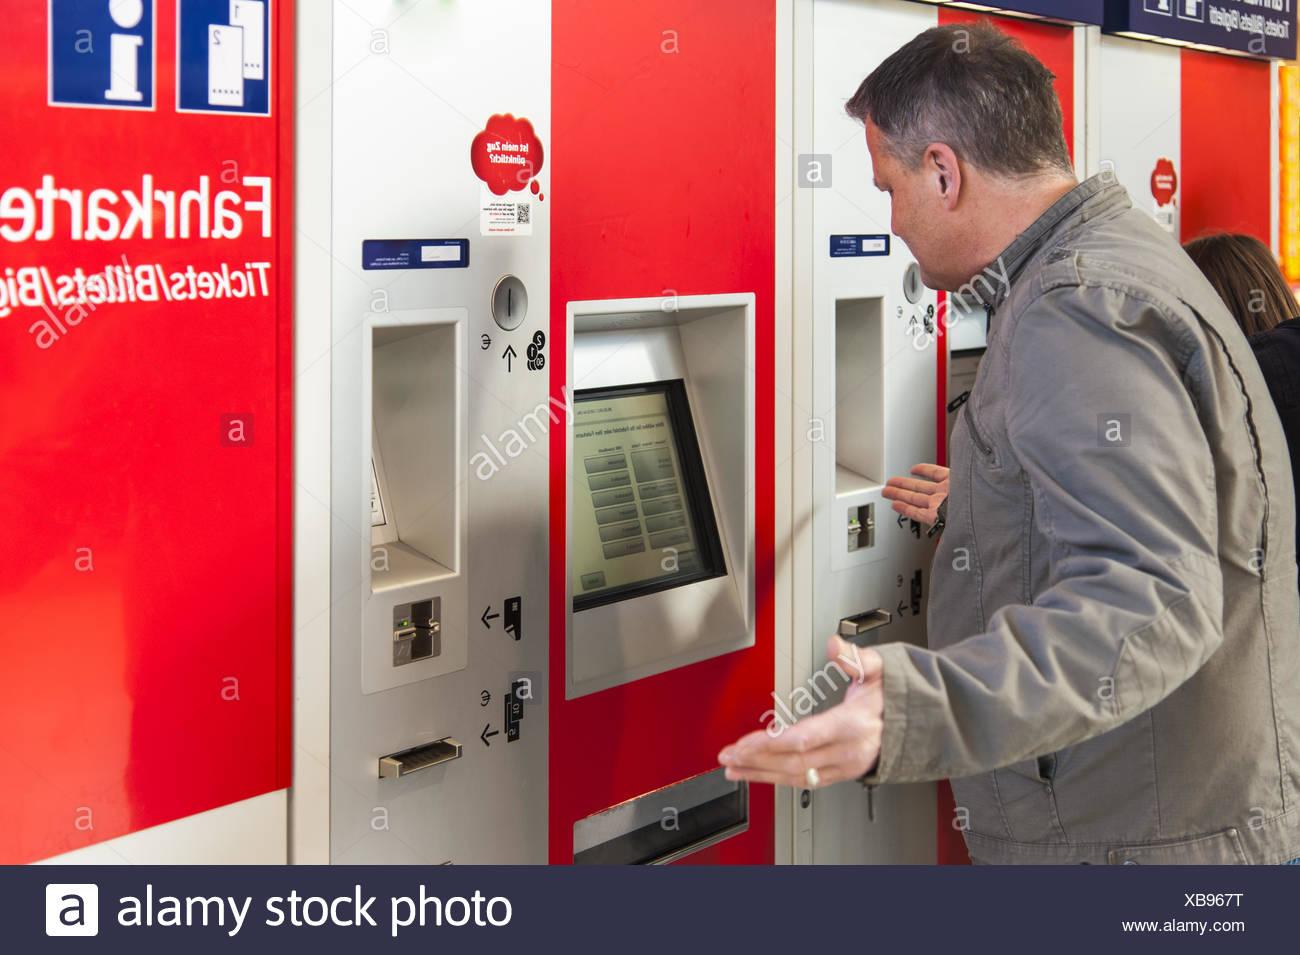 ein Mann steht vor einem verzweifelten Ticket machin Stockbild